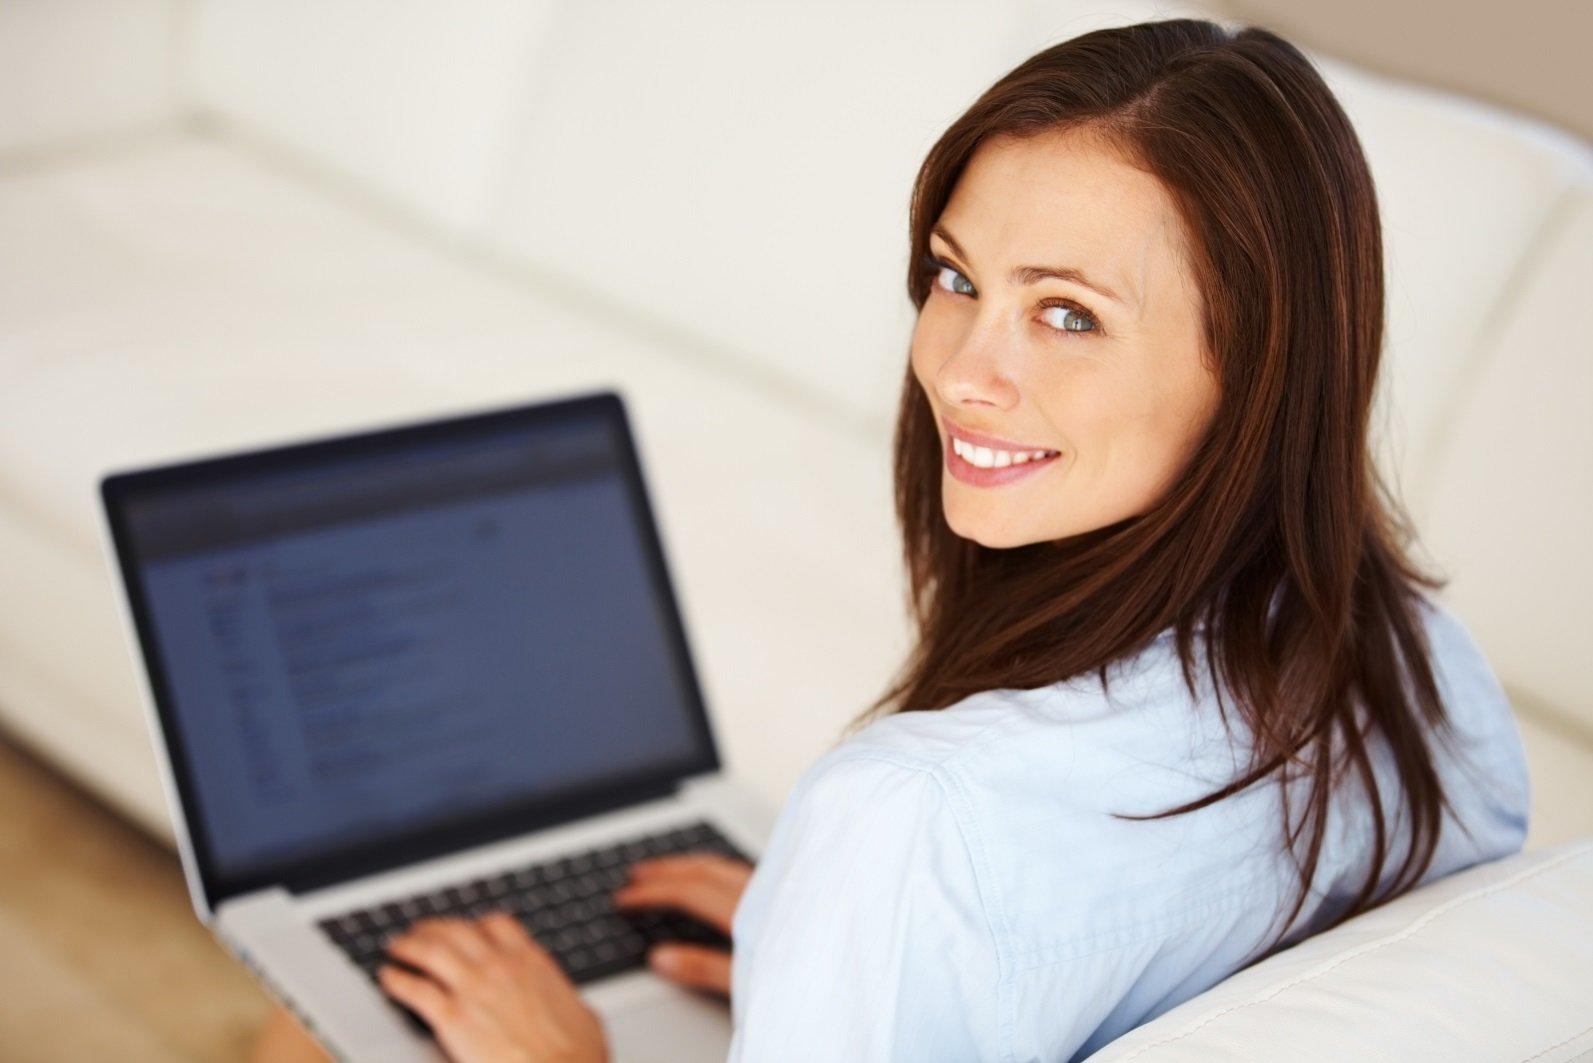 Интернет-маркетолог вакансии удаленной работы удаленная работа в интернете в донецке